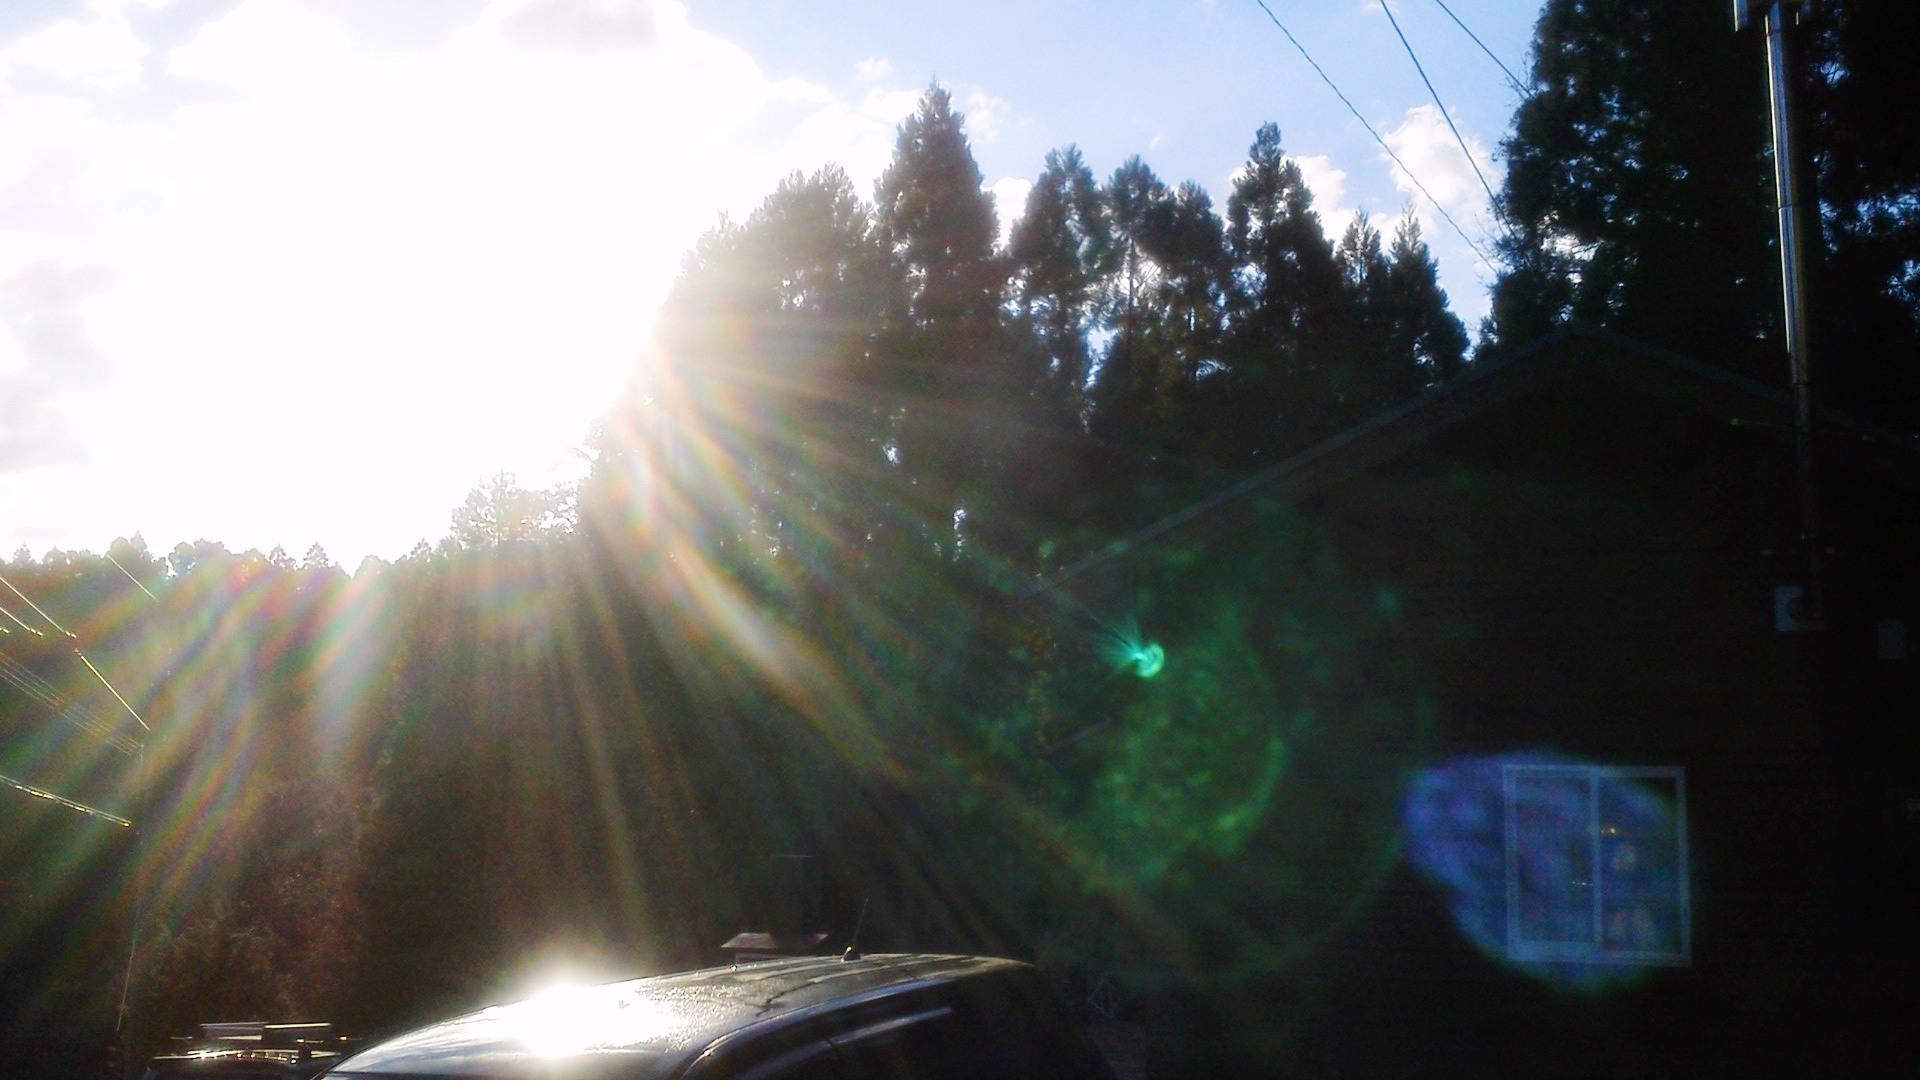 キラキラ☆光のシャワー_a0174458_110849.jpg